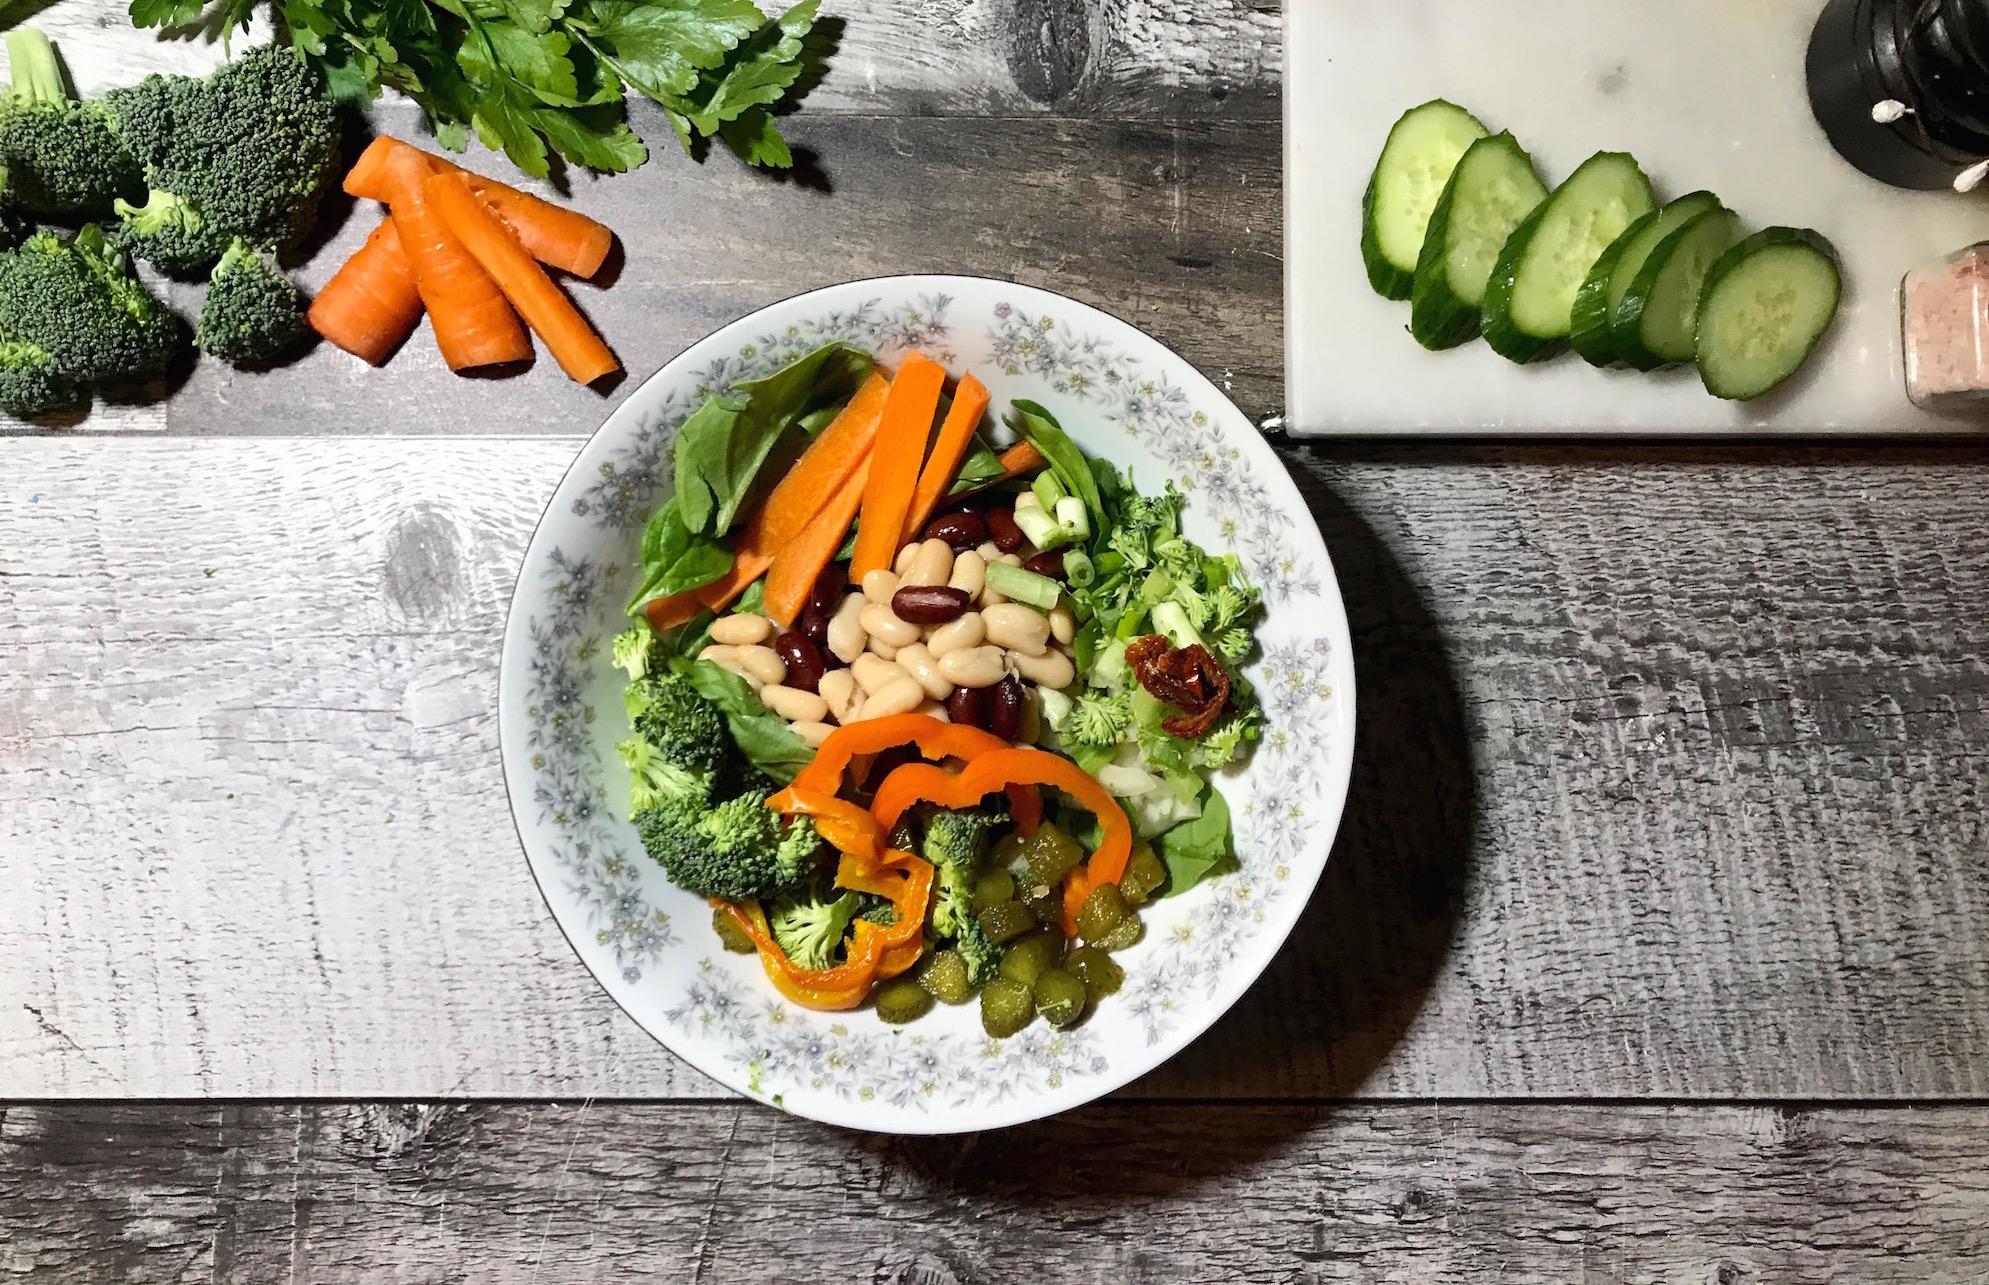 Salade de Légumineuses et de Légumes Frais